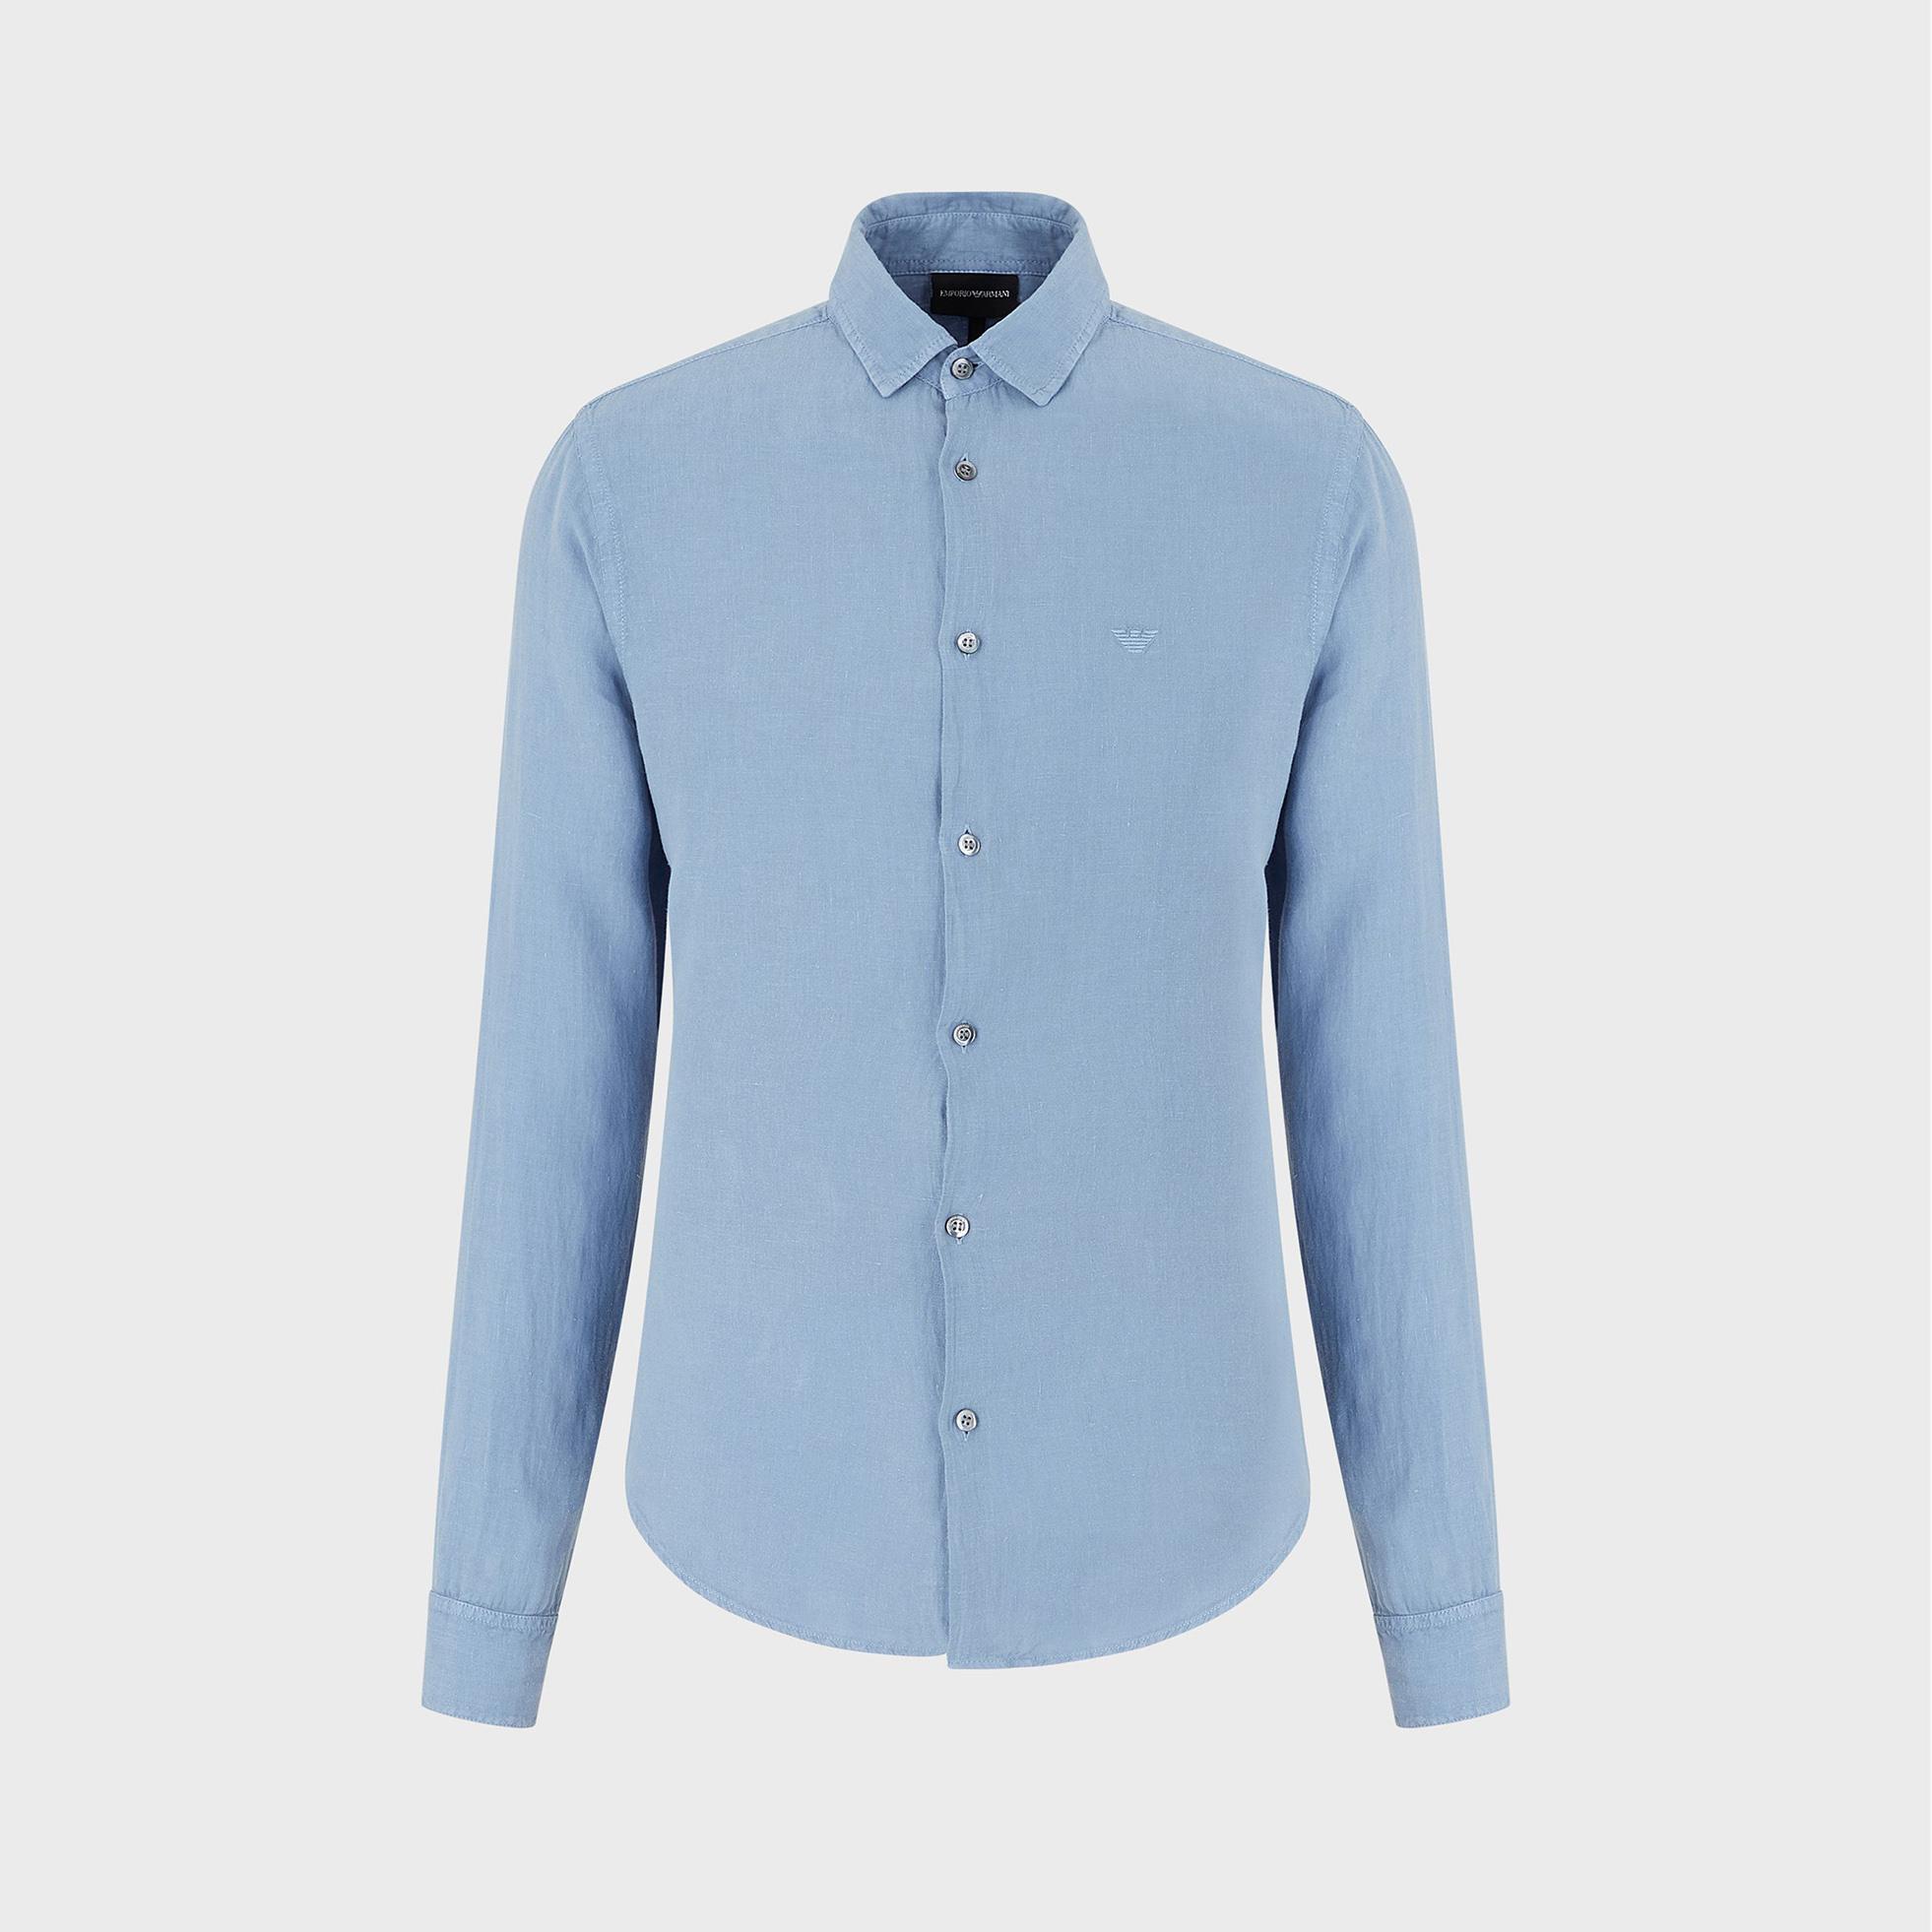 پیراهن آستین بلند مردانه امپریو آرمانی مدل 3H1CA51N5FZ-0780